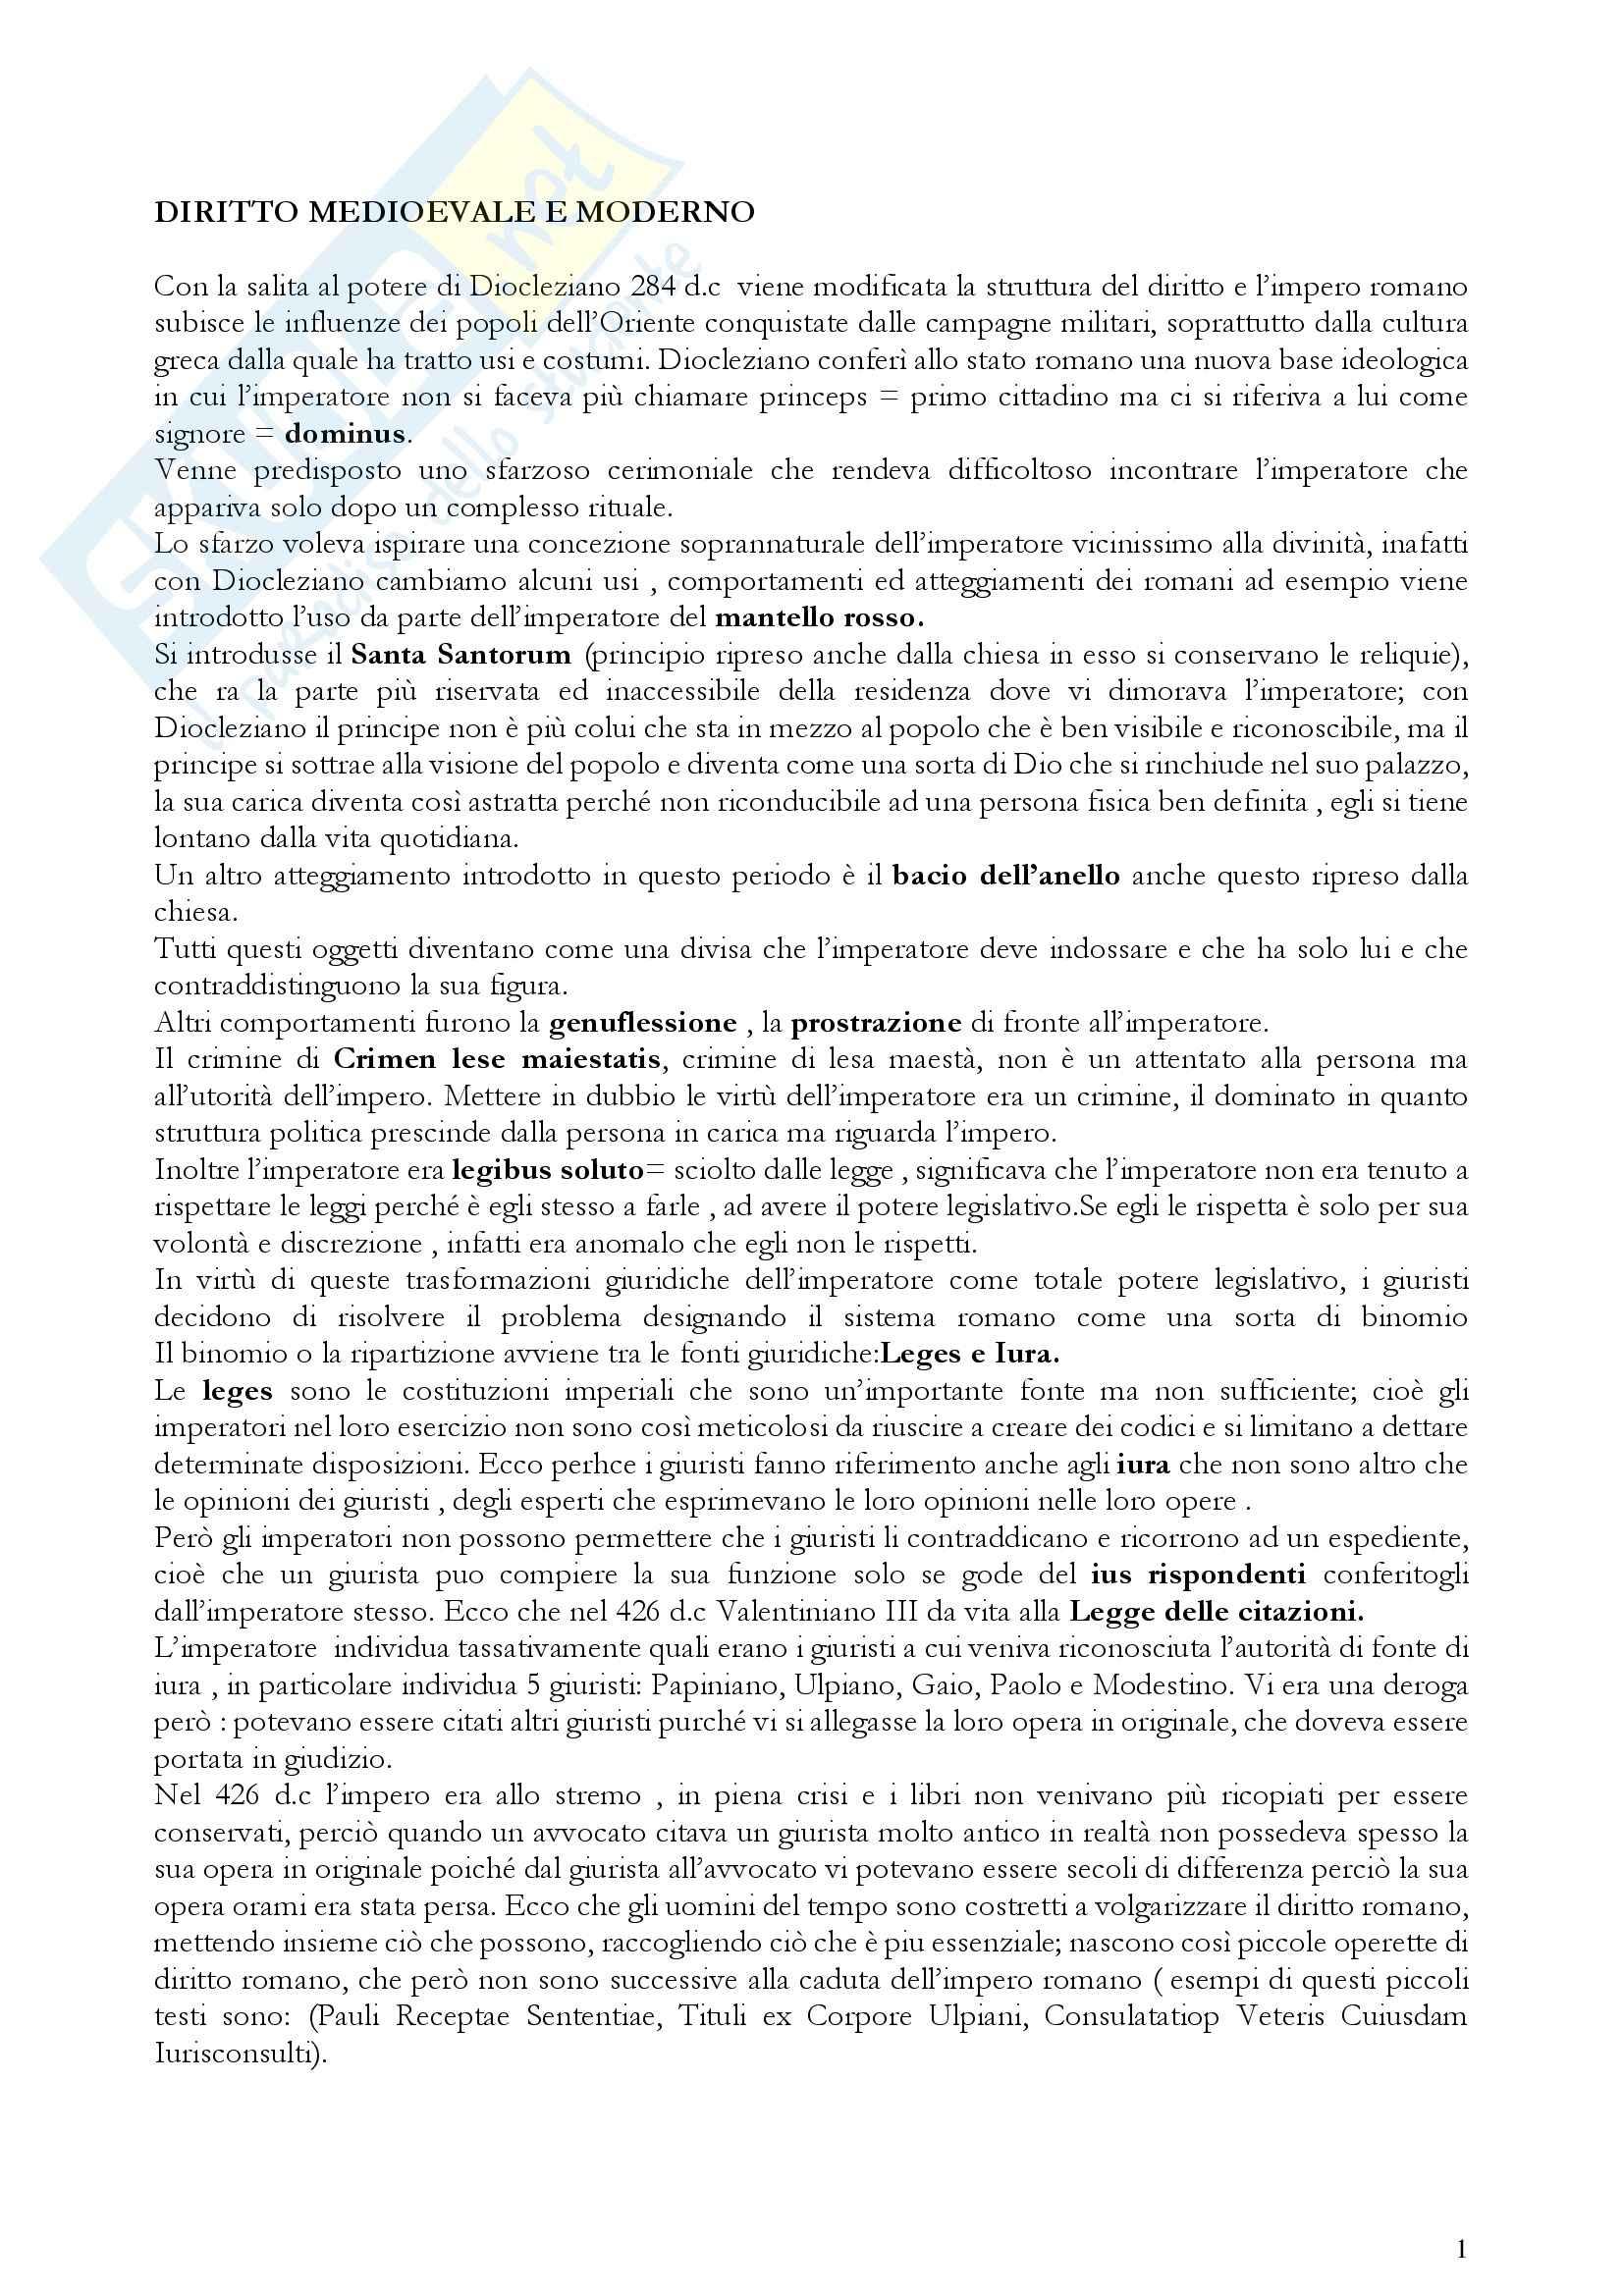 appunto G. Errera Storia del diritto medievale e moderno